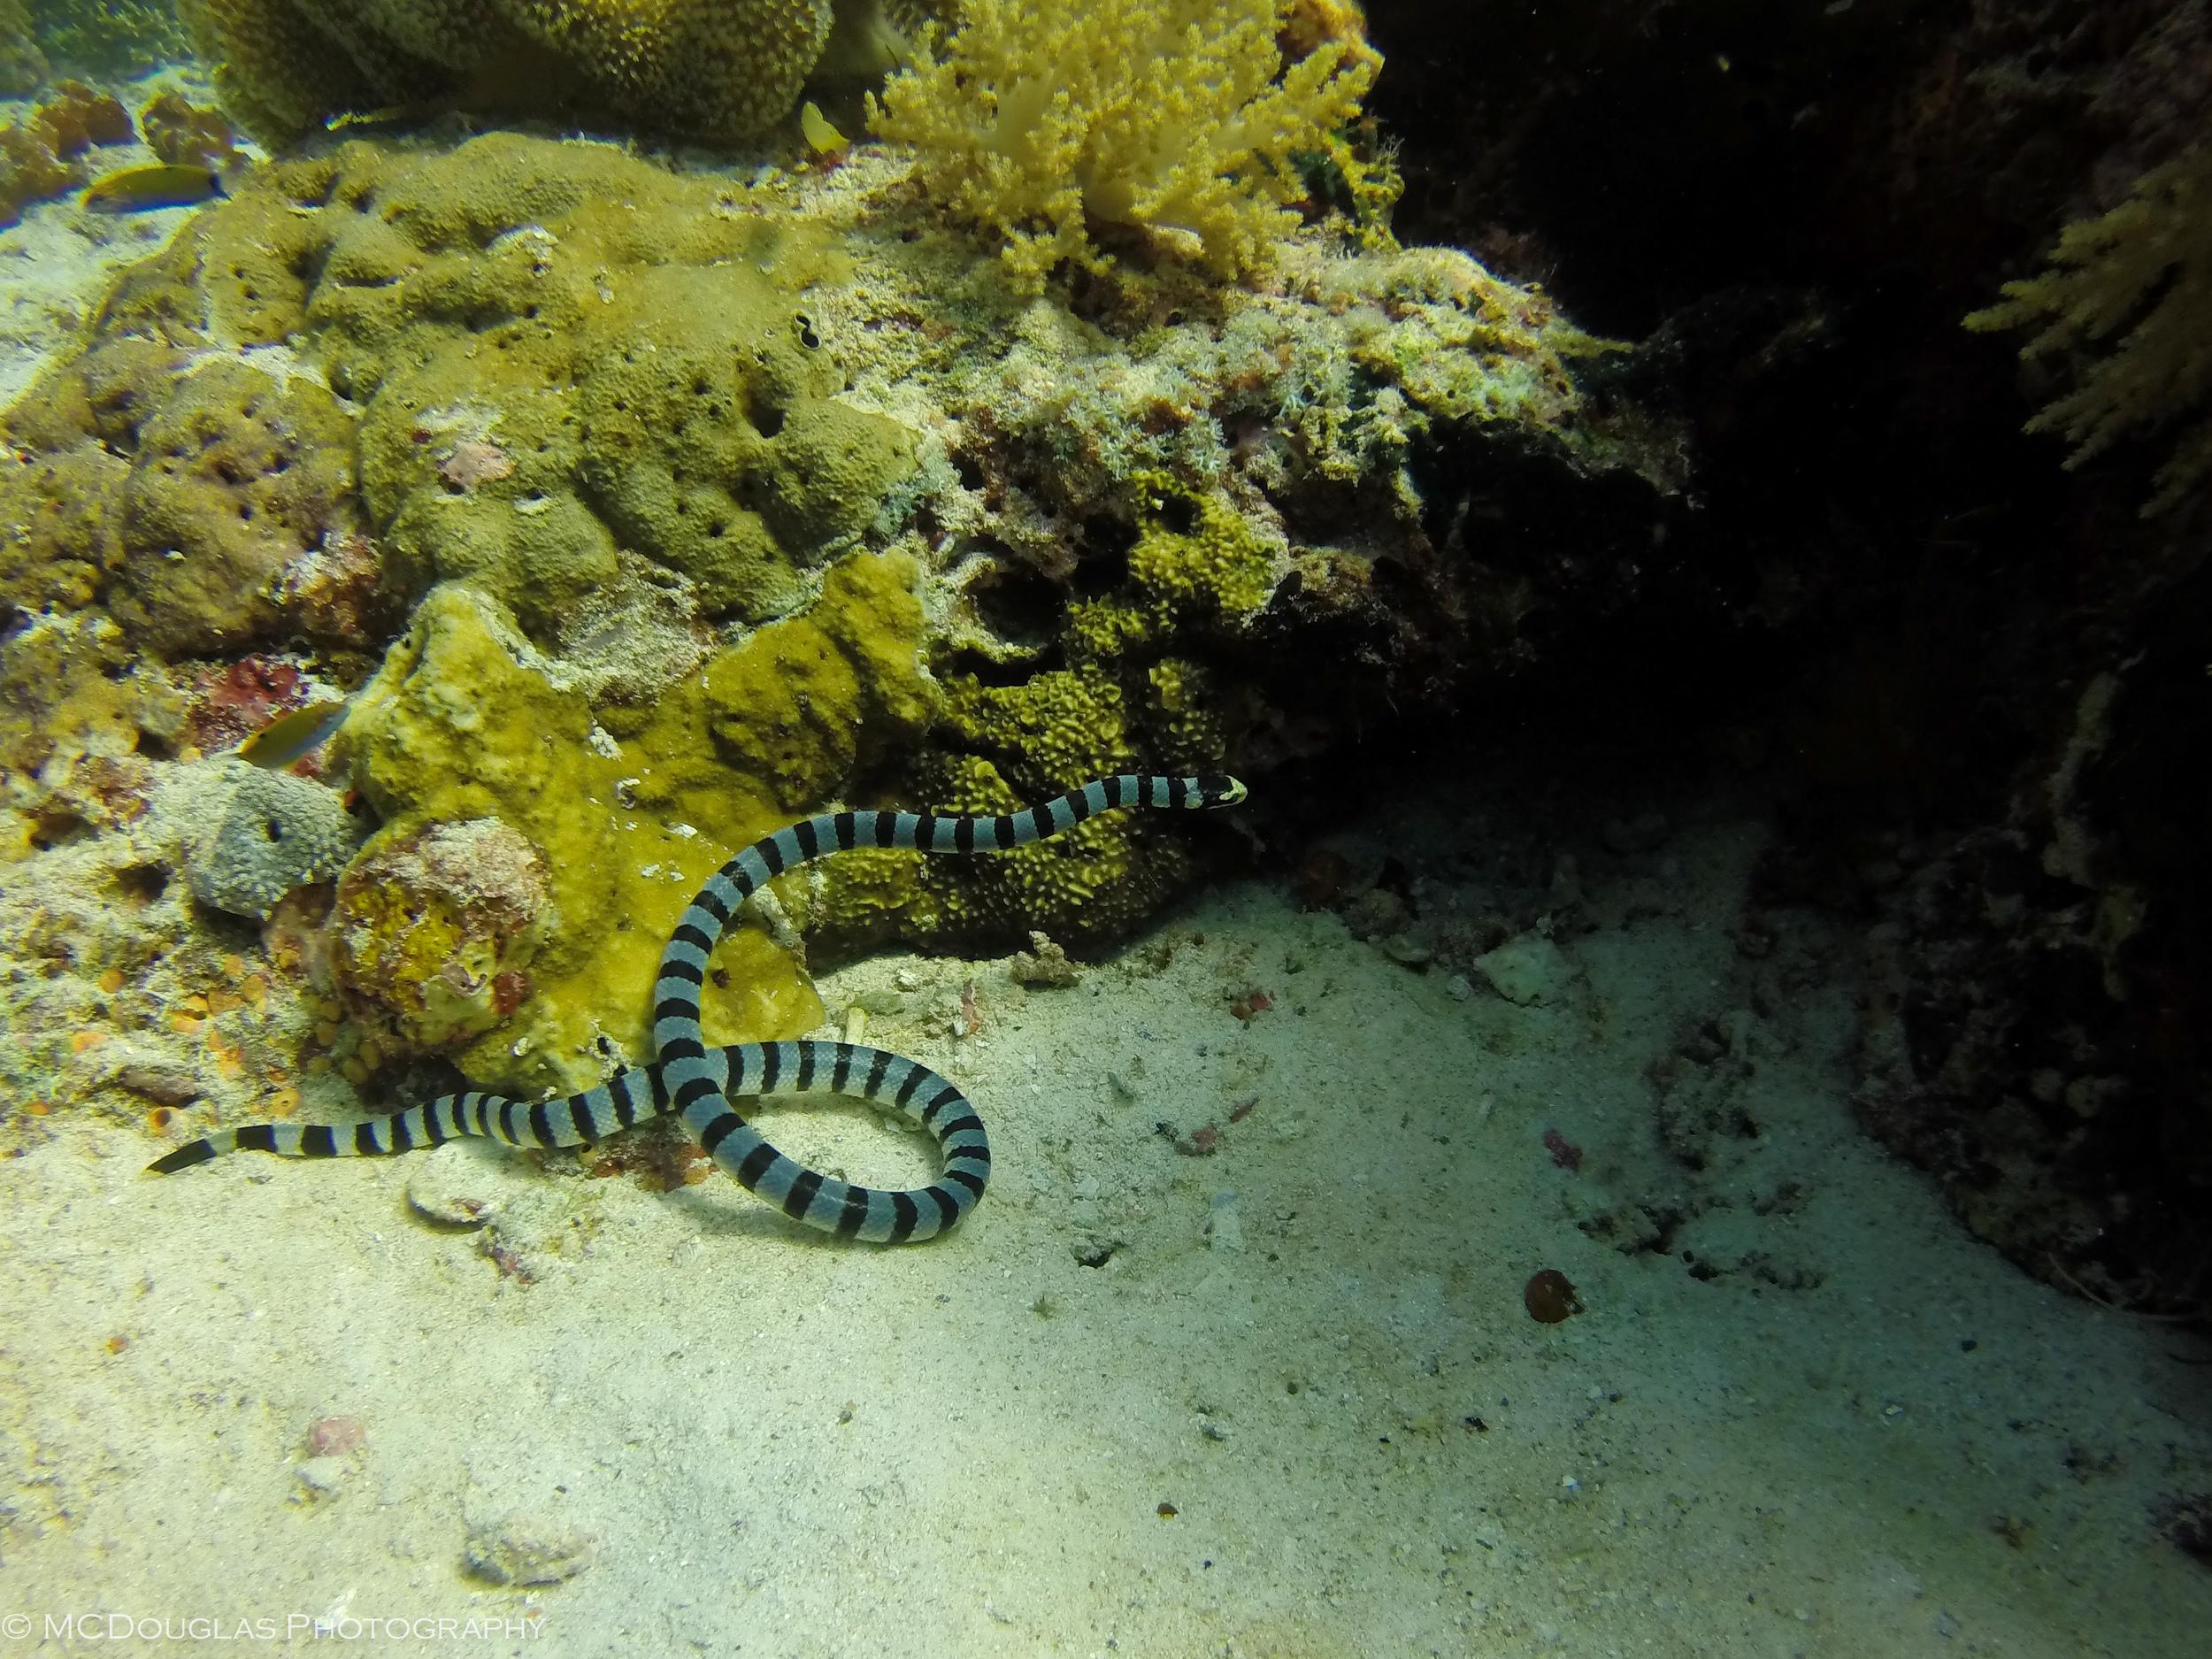 Underwater-0616.jpg